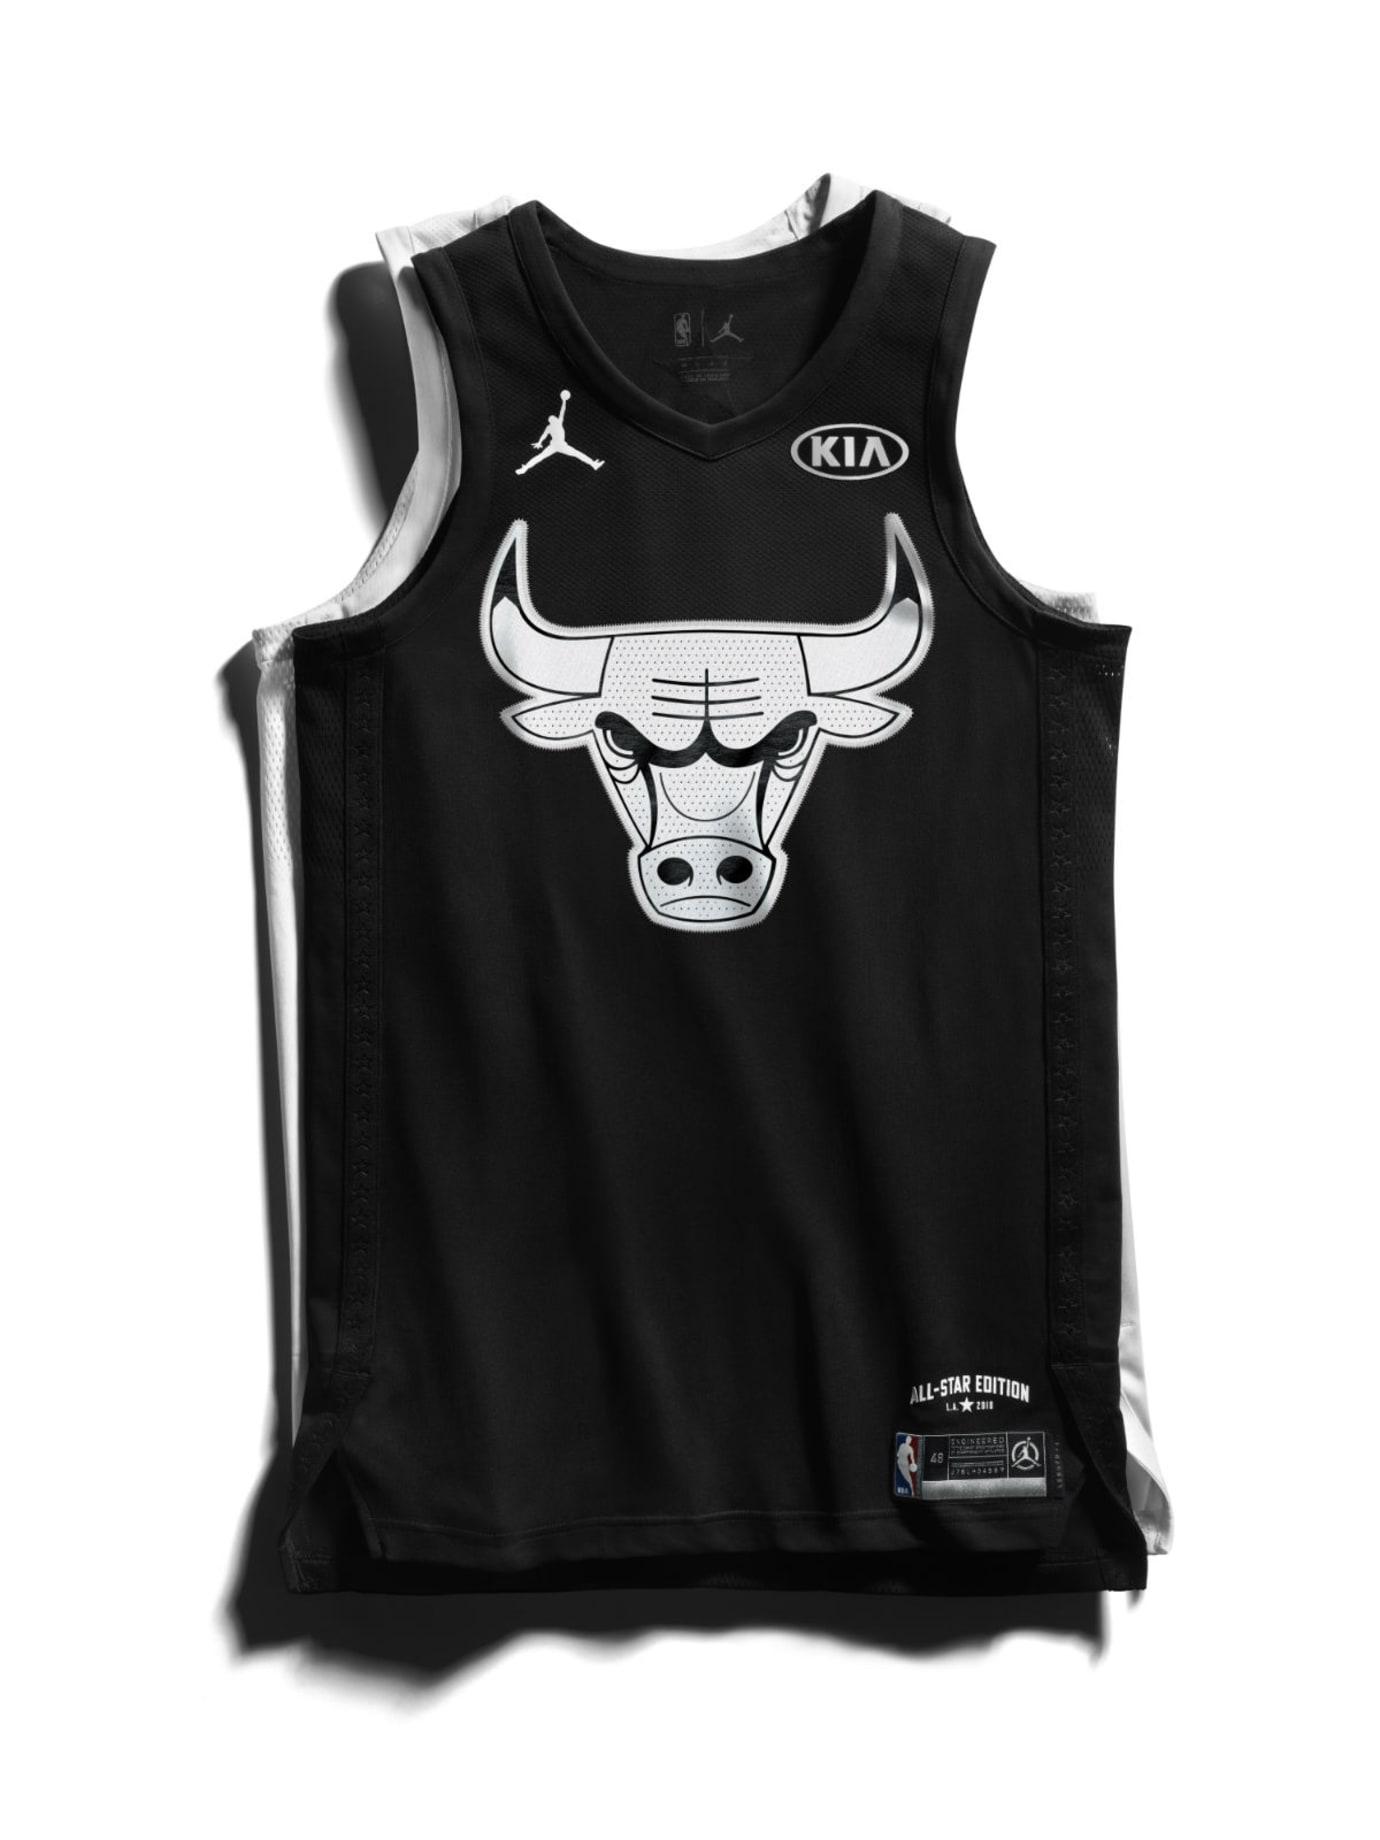 Jordan Brand 2018 NBA All-Star Jerseys Jordan Front